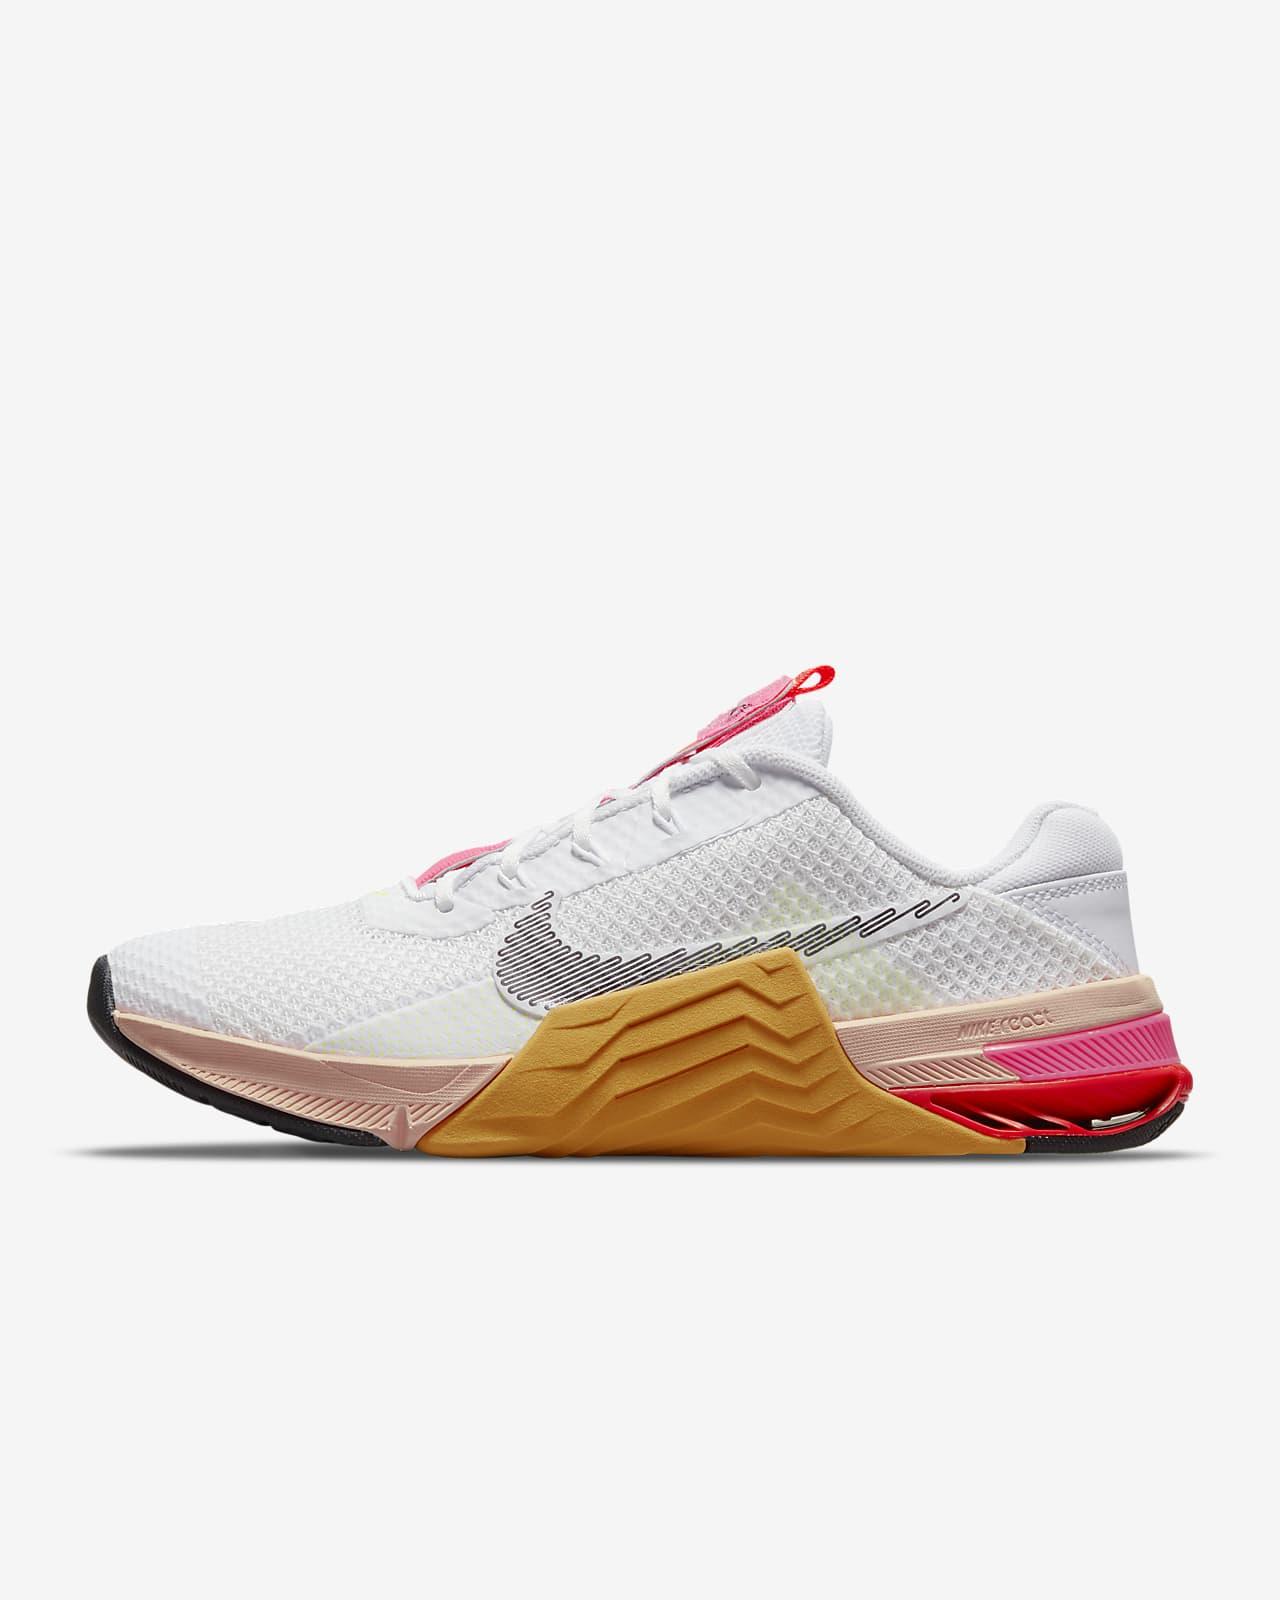 Dámská tréninková bota Nike Metcon7 X